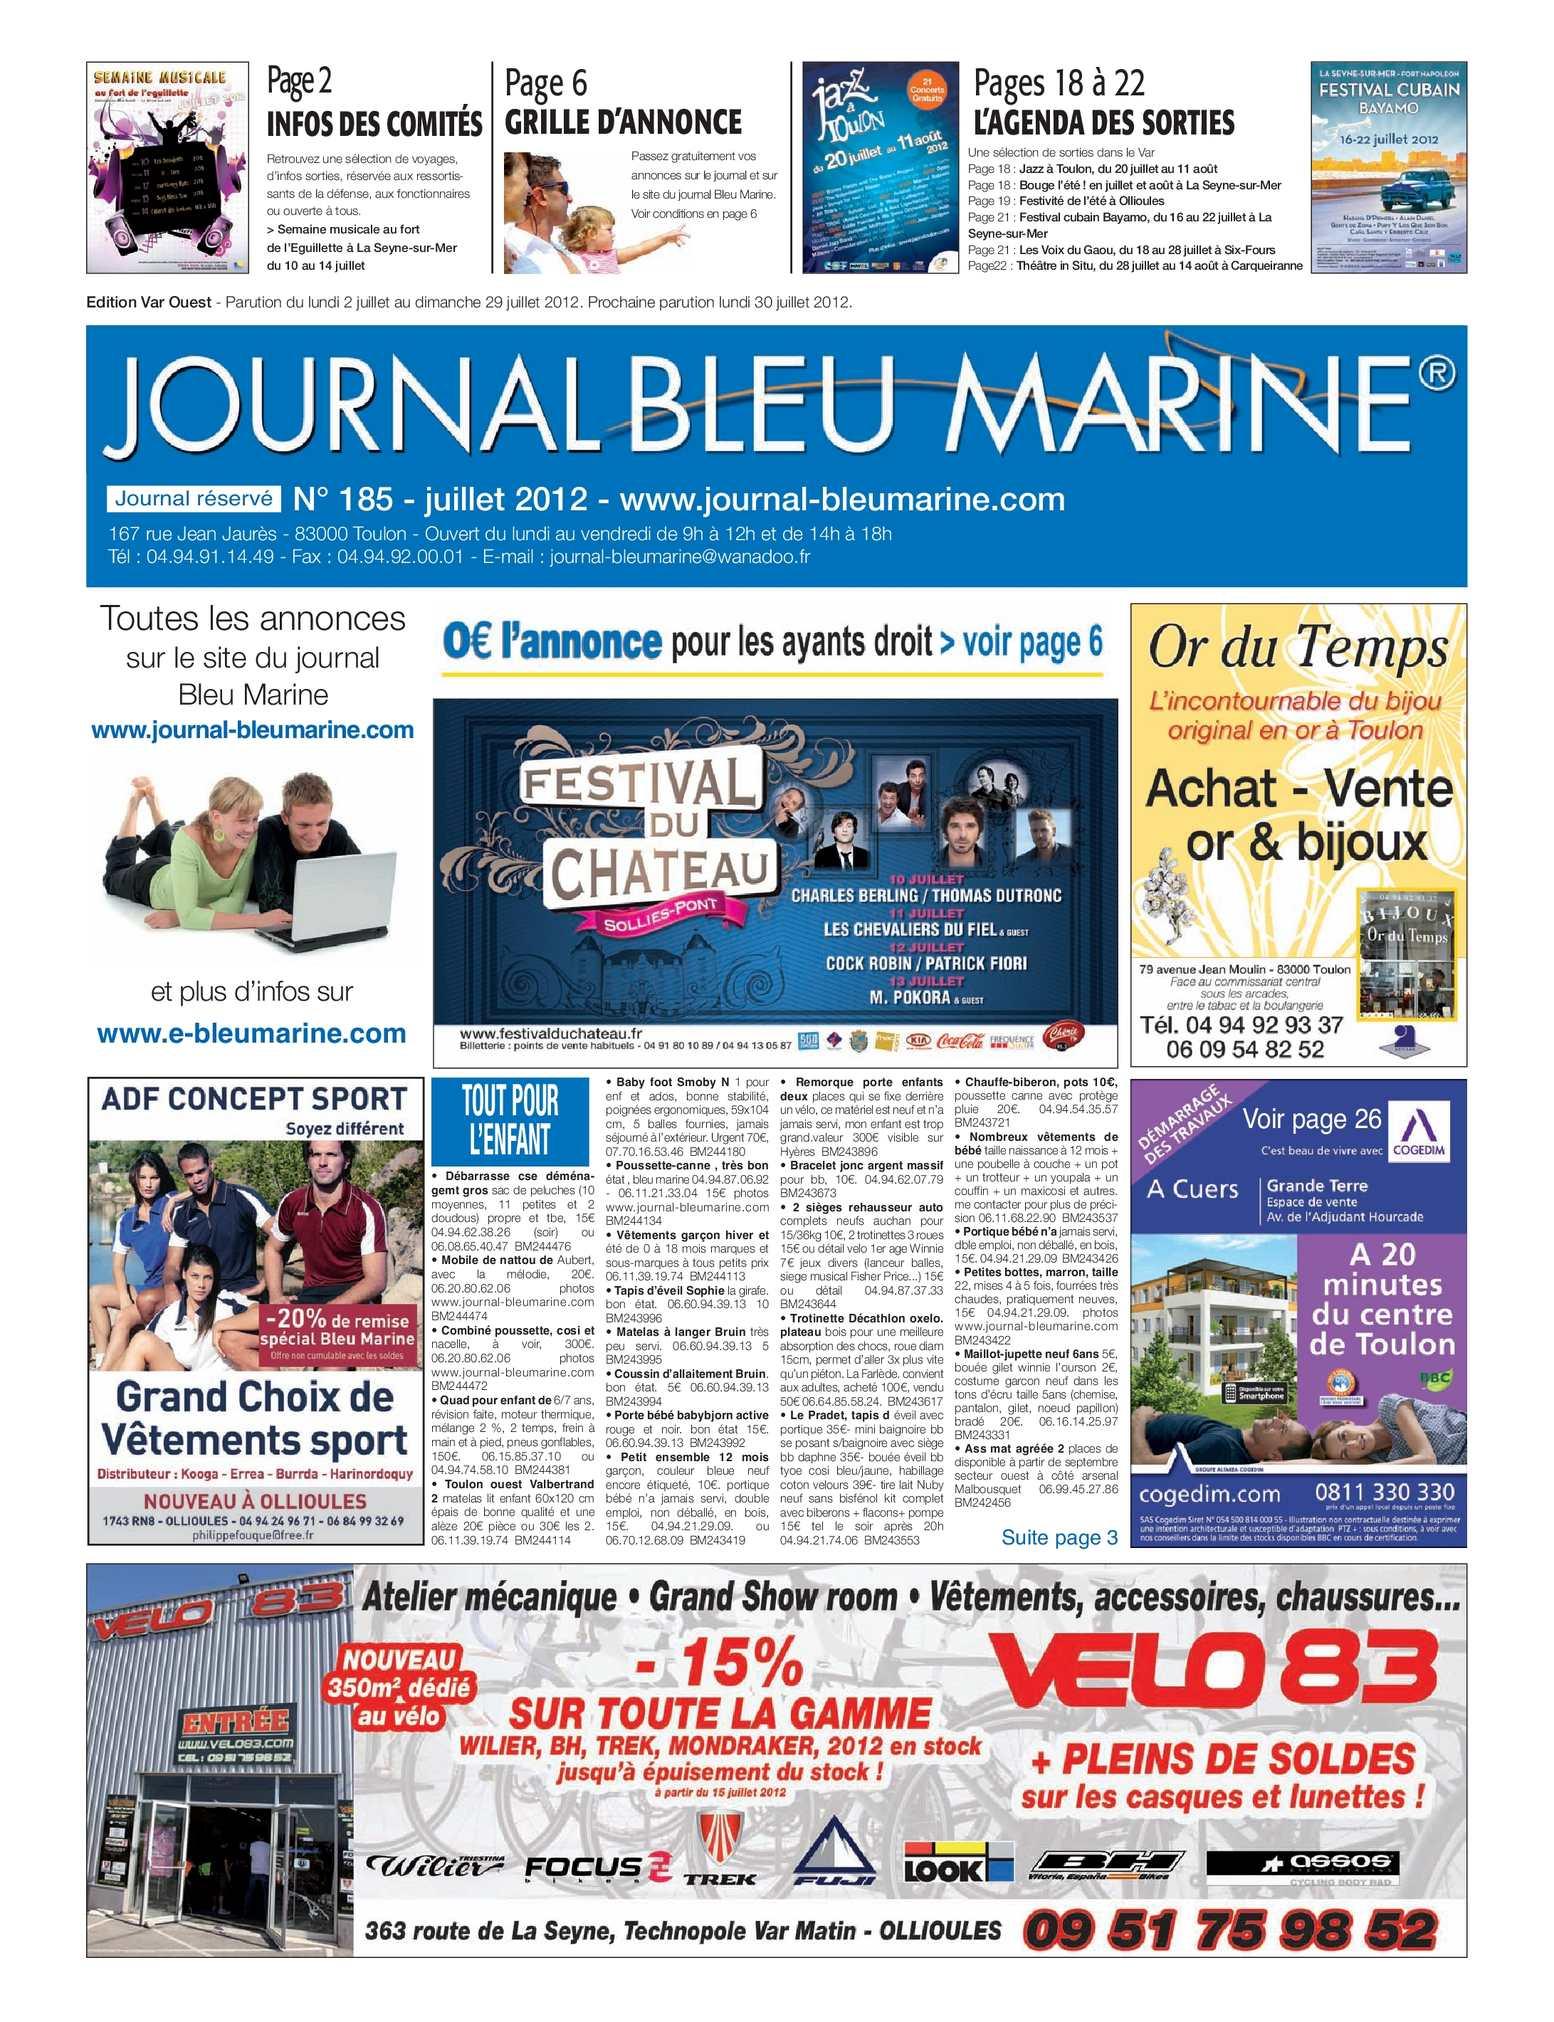 Calaméo Journal Bleu Marine n°185 Juillet 2012